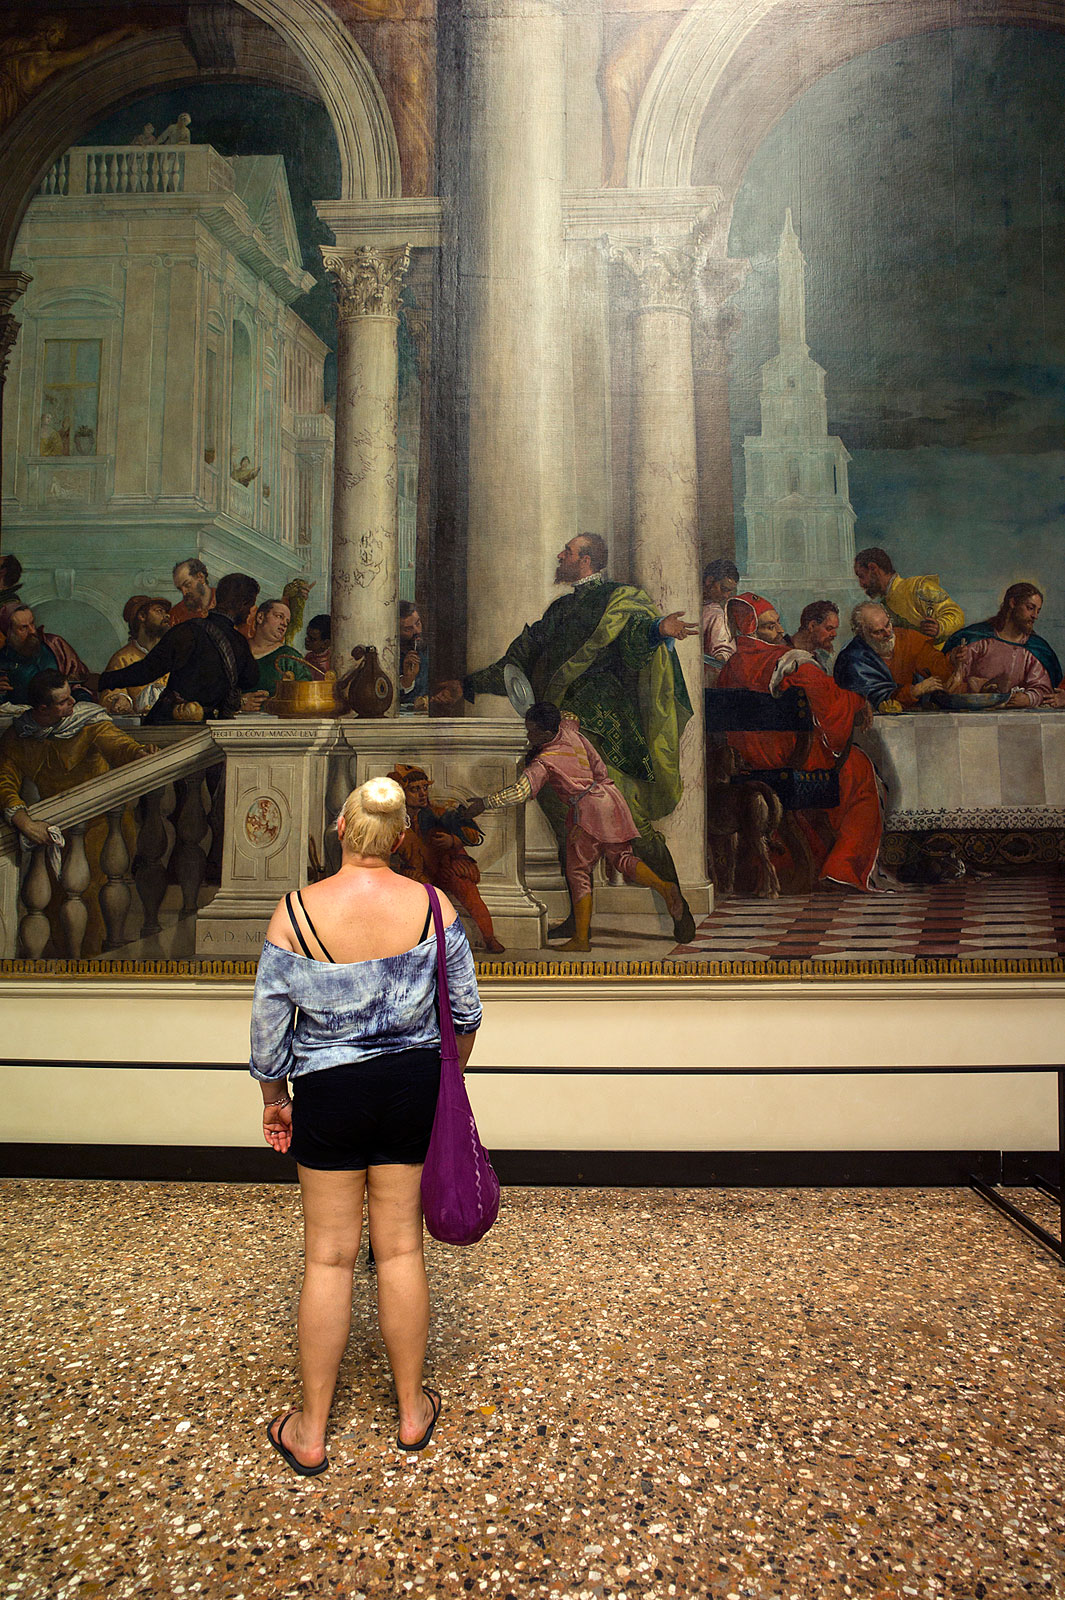 Kunst kijken Accademia in Venetië door Remmelt van Veelen